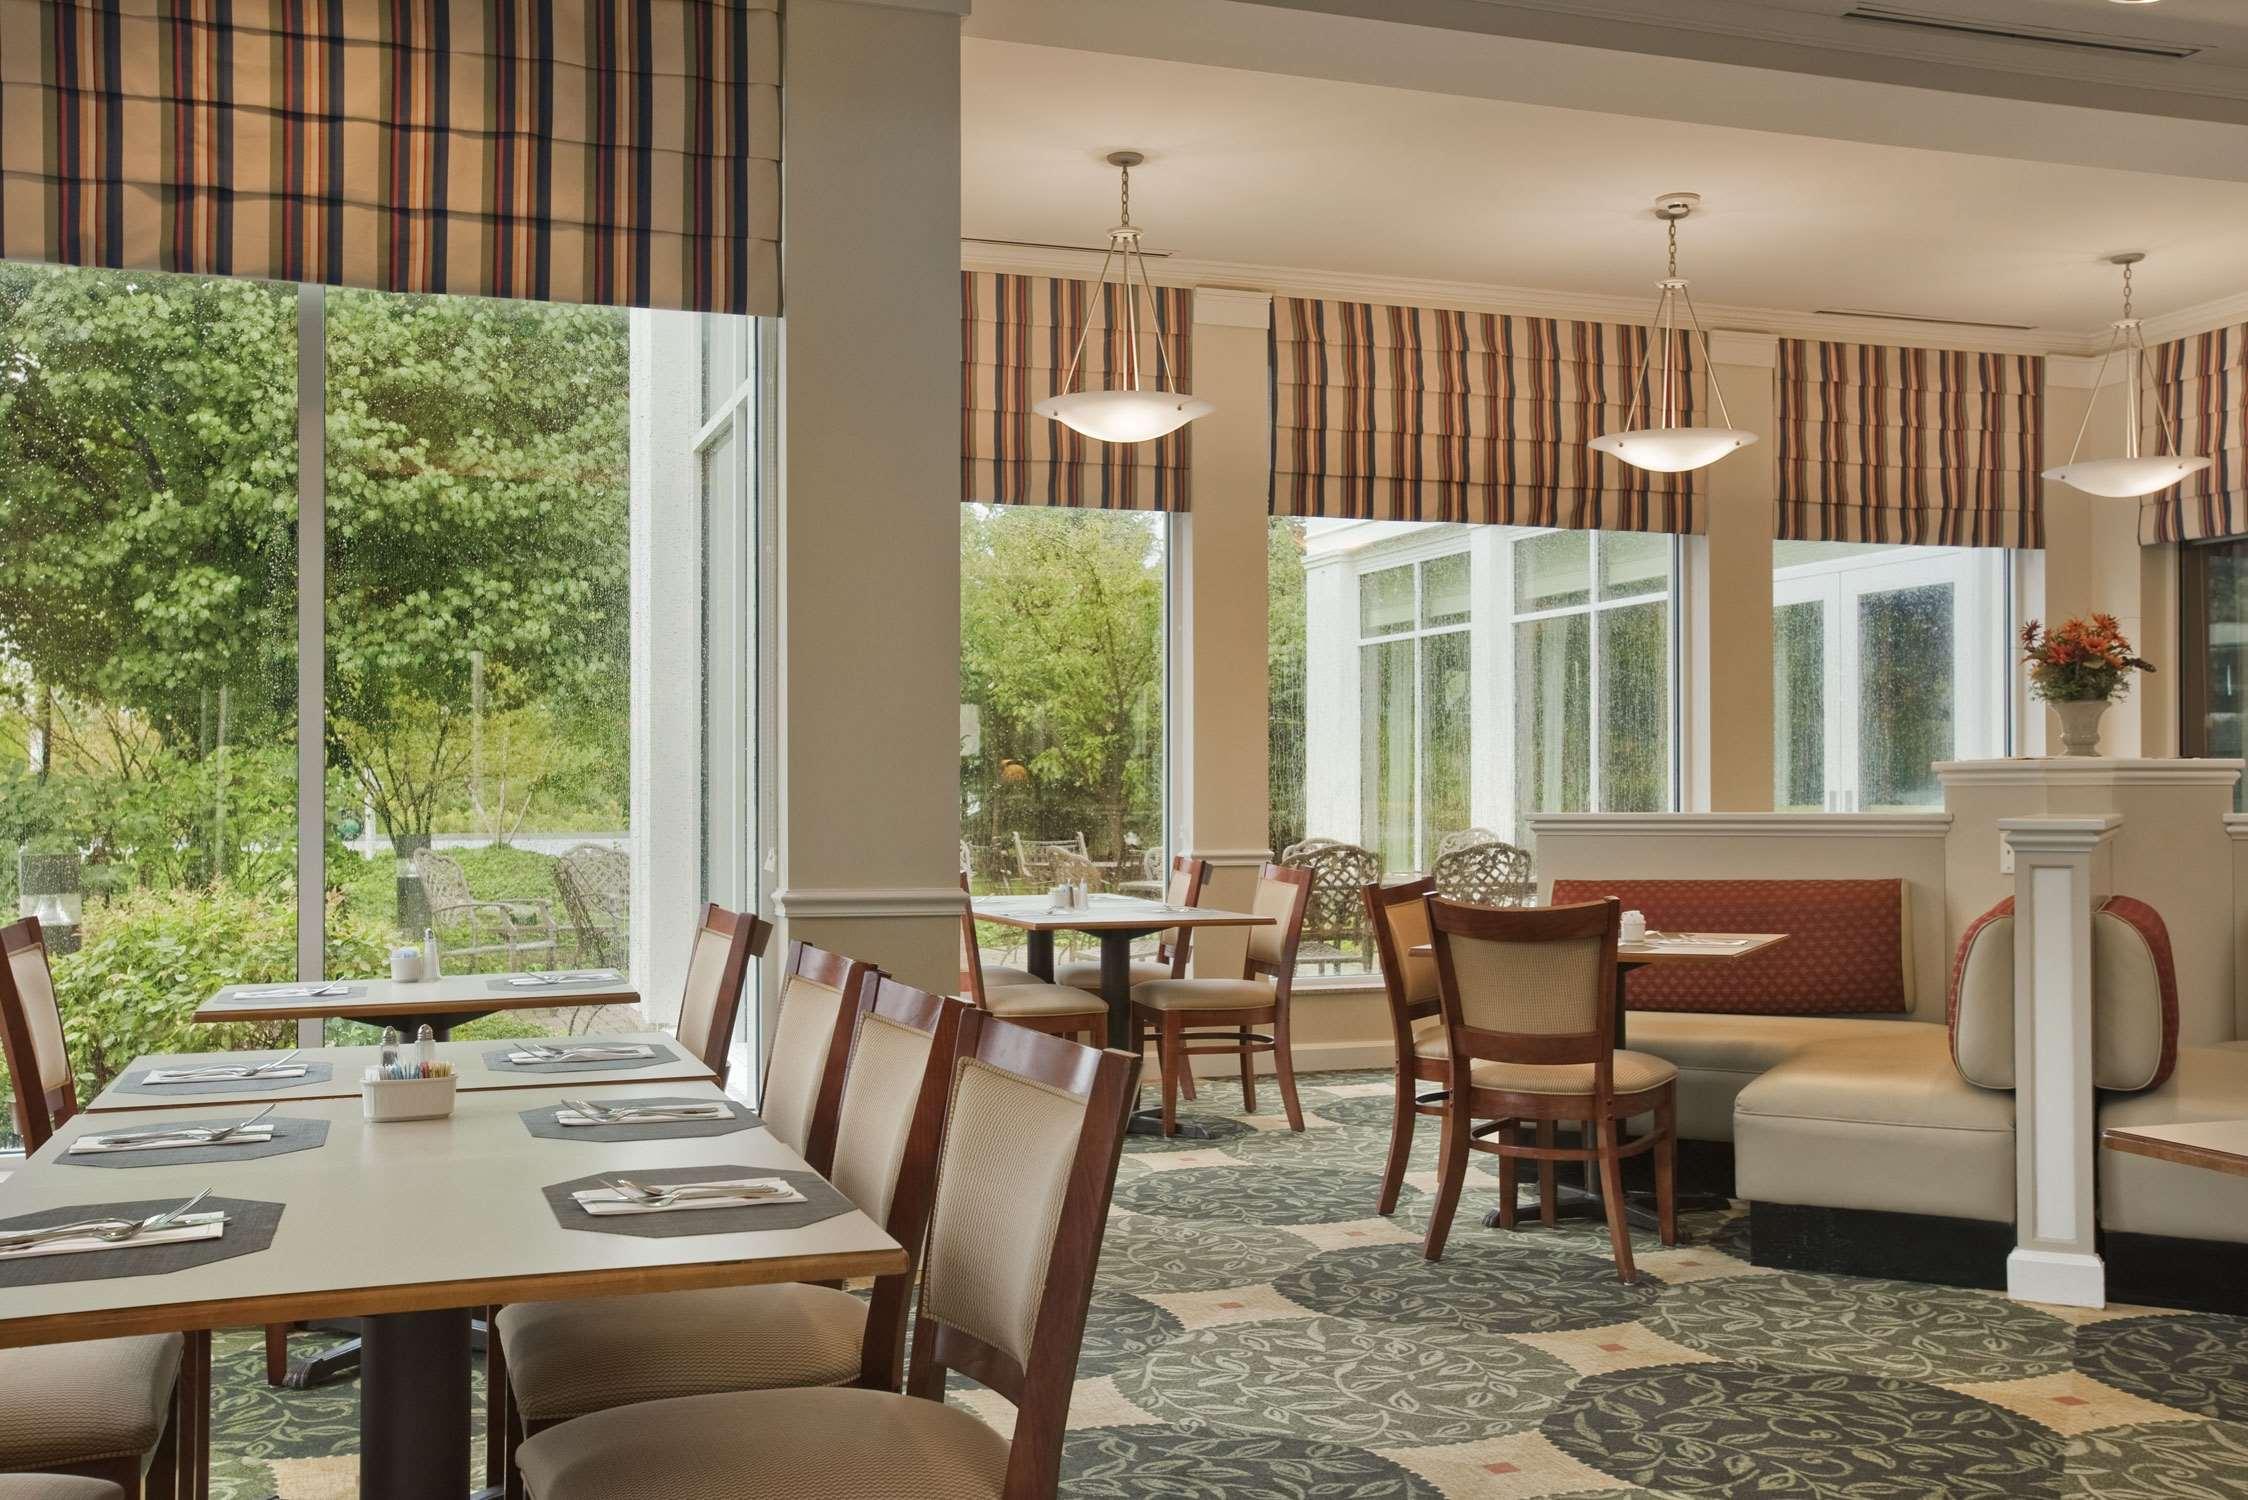 Hilton Garden Inn Syracuse image 7